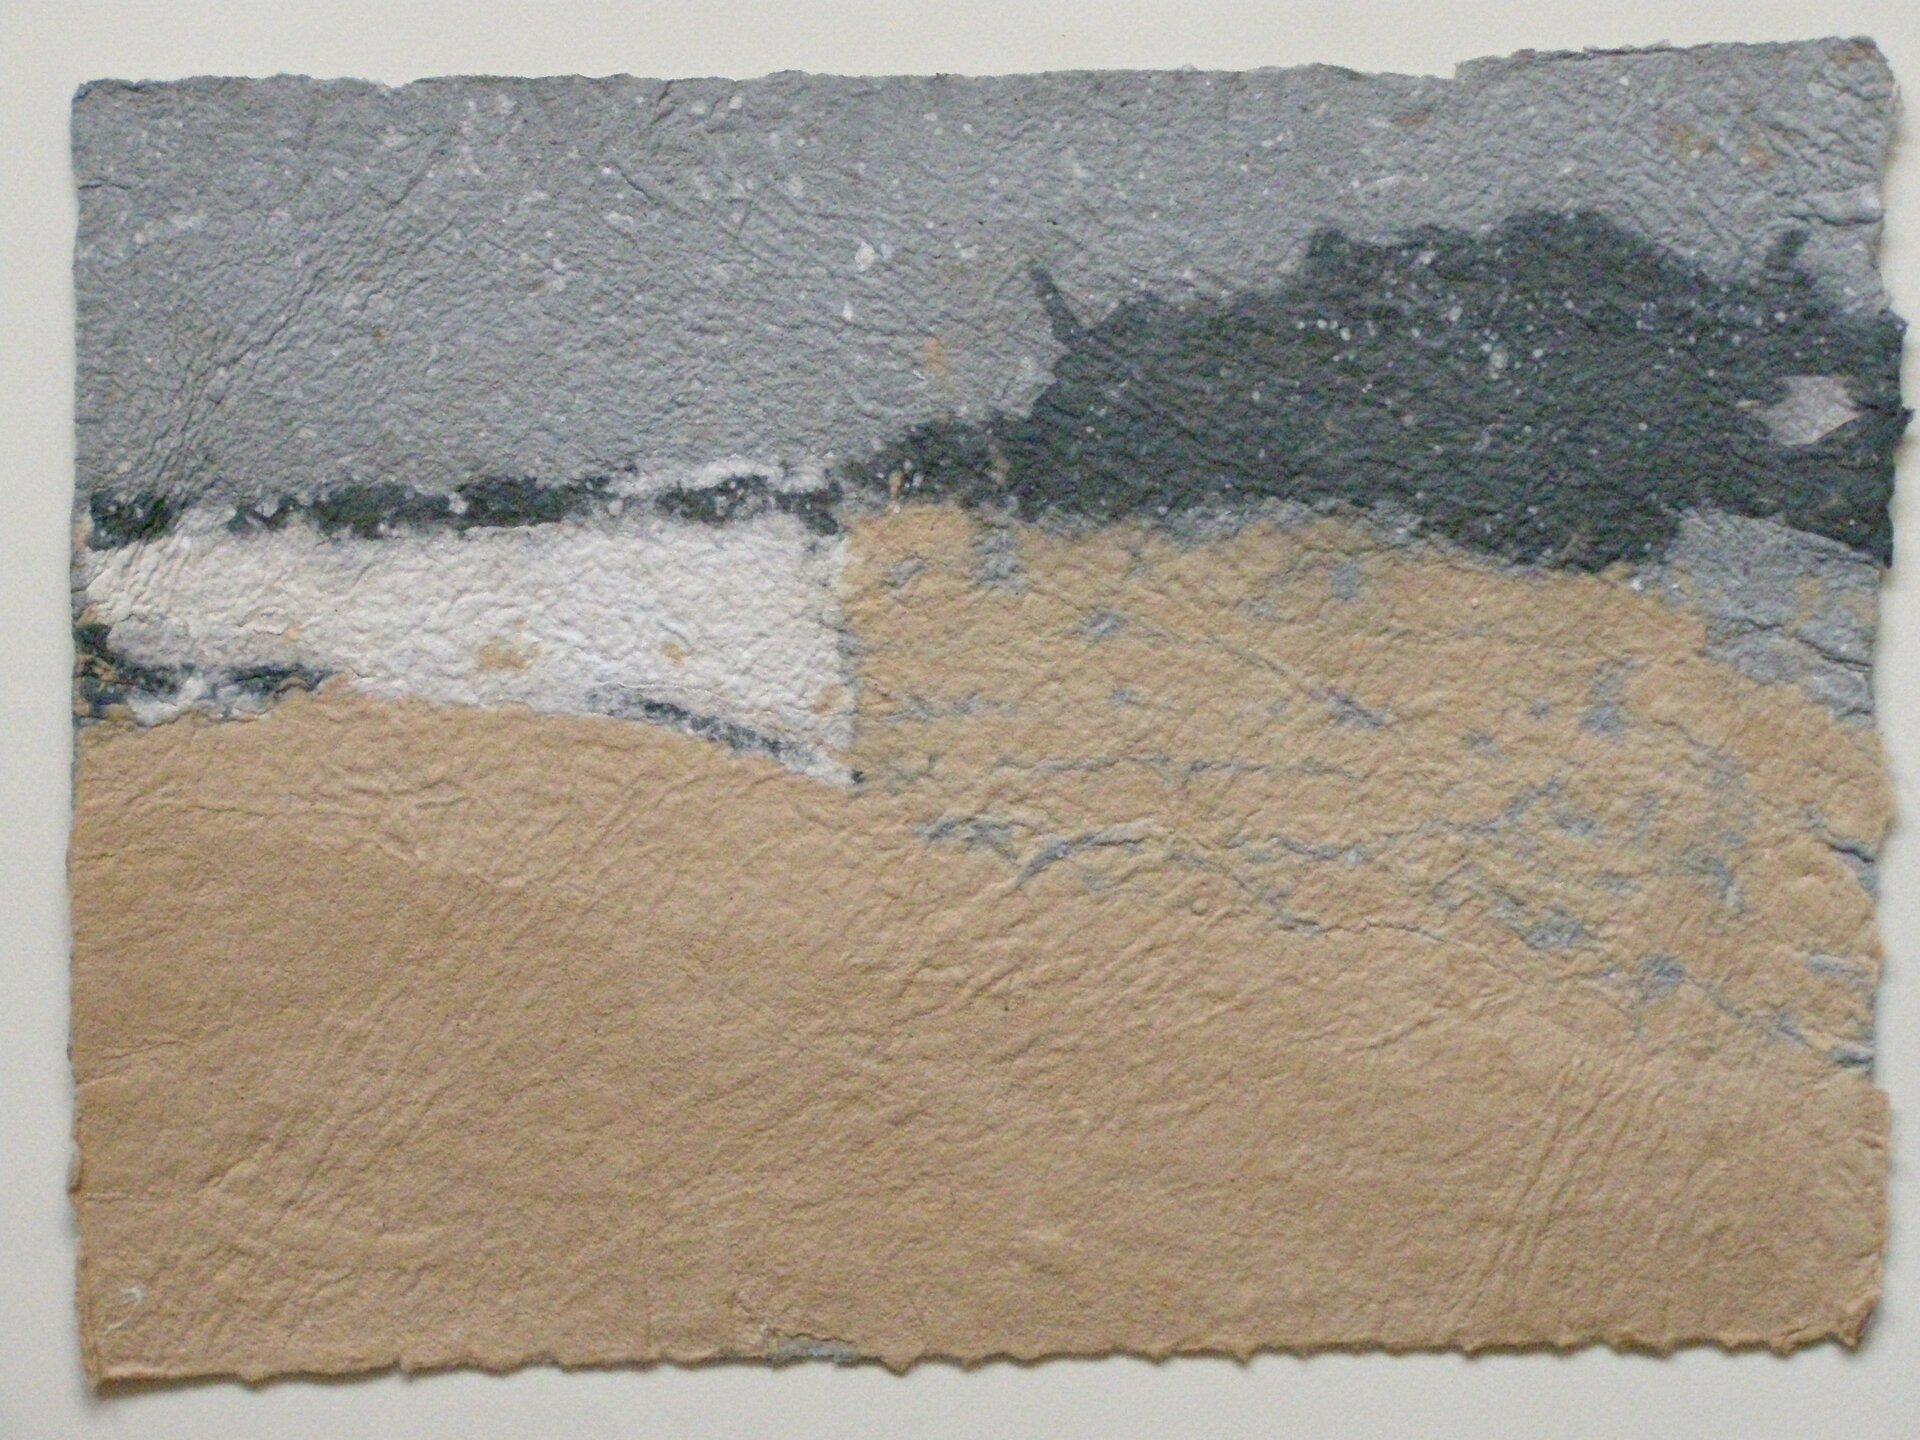 """Ilustracja przedstawia obraz """"Schersbeerg VI"""" autorstwa Barbary Kaczorowskiej. Wykonana wtechnice papieru czerpanego praca balansuje na pograniczu abstrakcji ifiguracji. Pomarszczona powierzchnia papieru oposzarpanych brzegach podzielona jest na kilka płaszczyzn. Duł wypełnia jasny beż, wktóry wdziera się  po lewej stronie biały, nieregularny prostokąt. Nad nimi, ugóry kompozycji przebiega wąski pas szarości. Górną partię od dolnej oddziela nieregularna linia ciemnego, szarego koloru, która po prawej stronie rozszerza się tworząc poszarpaną plamę. Cała kompozycja przypomina pejzaż zbrązową ziemią na dole, szarym niebem ugóry iciemną linią drzew pomiędzy nimi. Praca została wykonana wchłodnej, wąskiej gamie barw, ograniczonej jedynie do beżu, szarości ibieli.."""